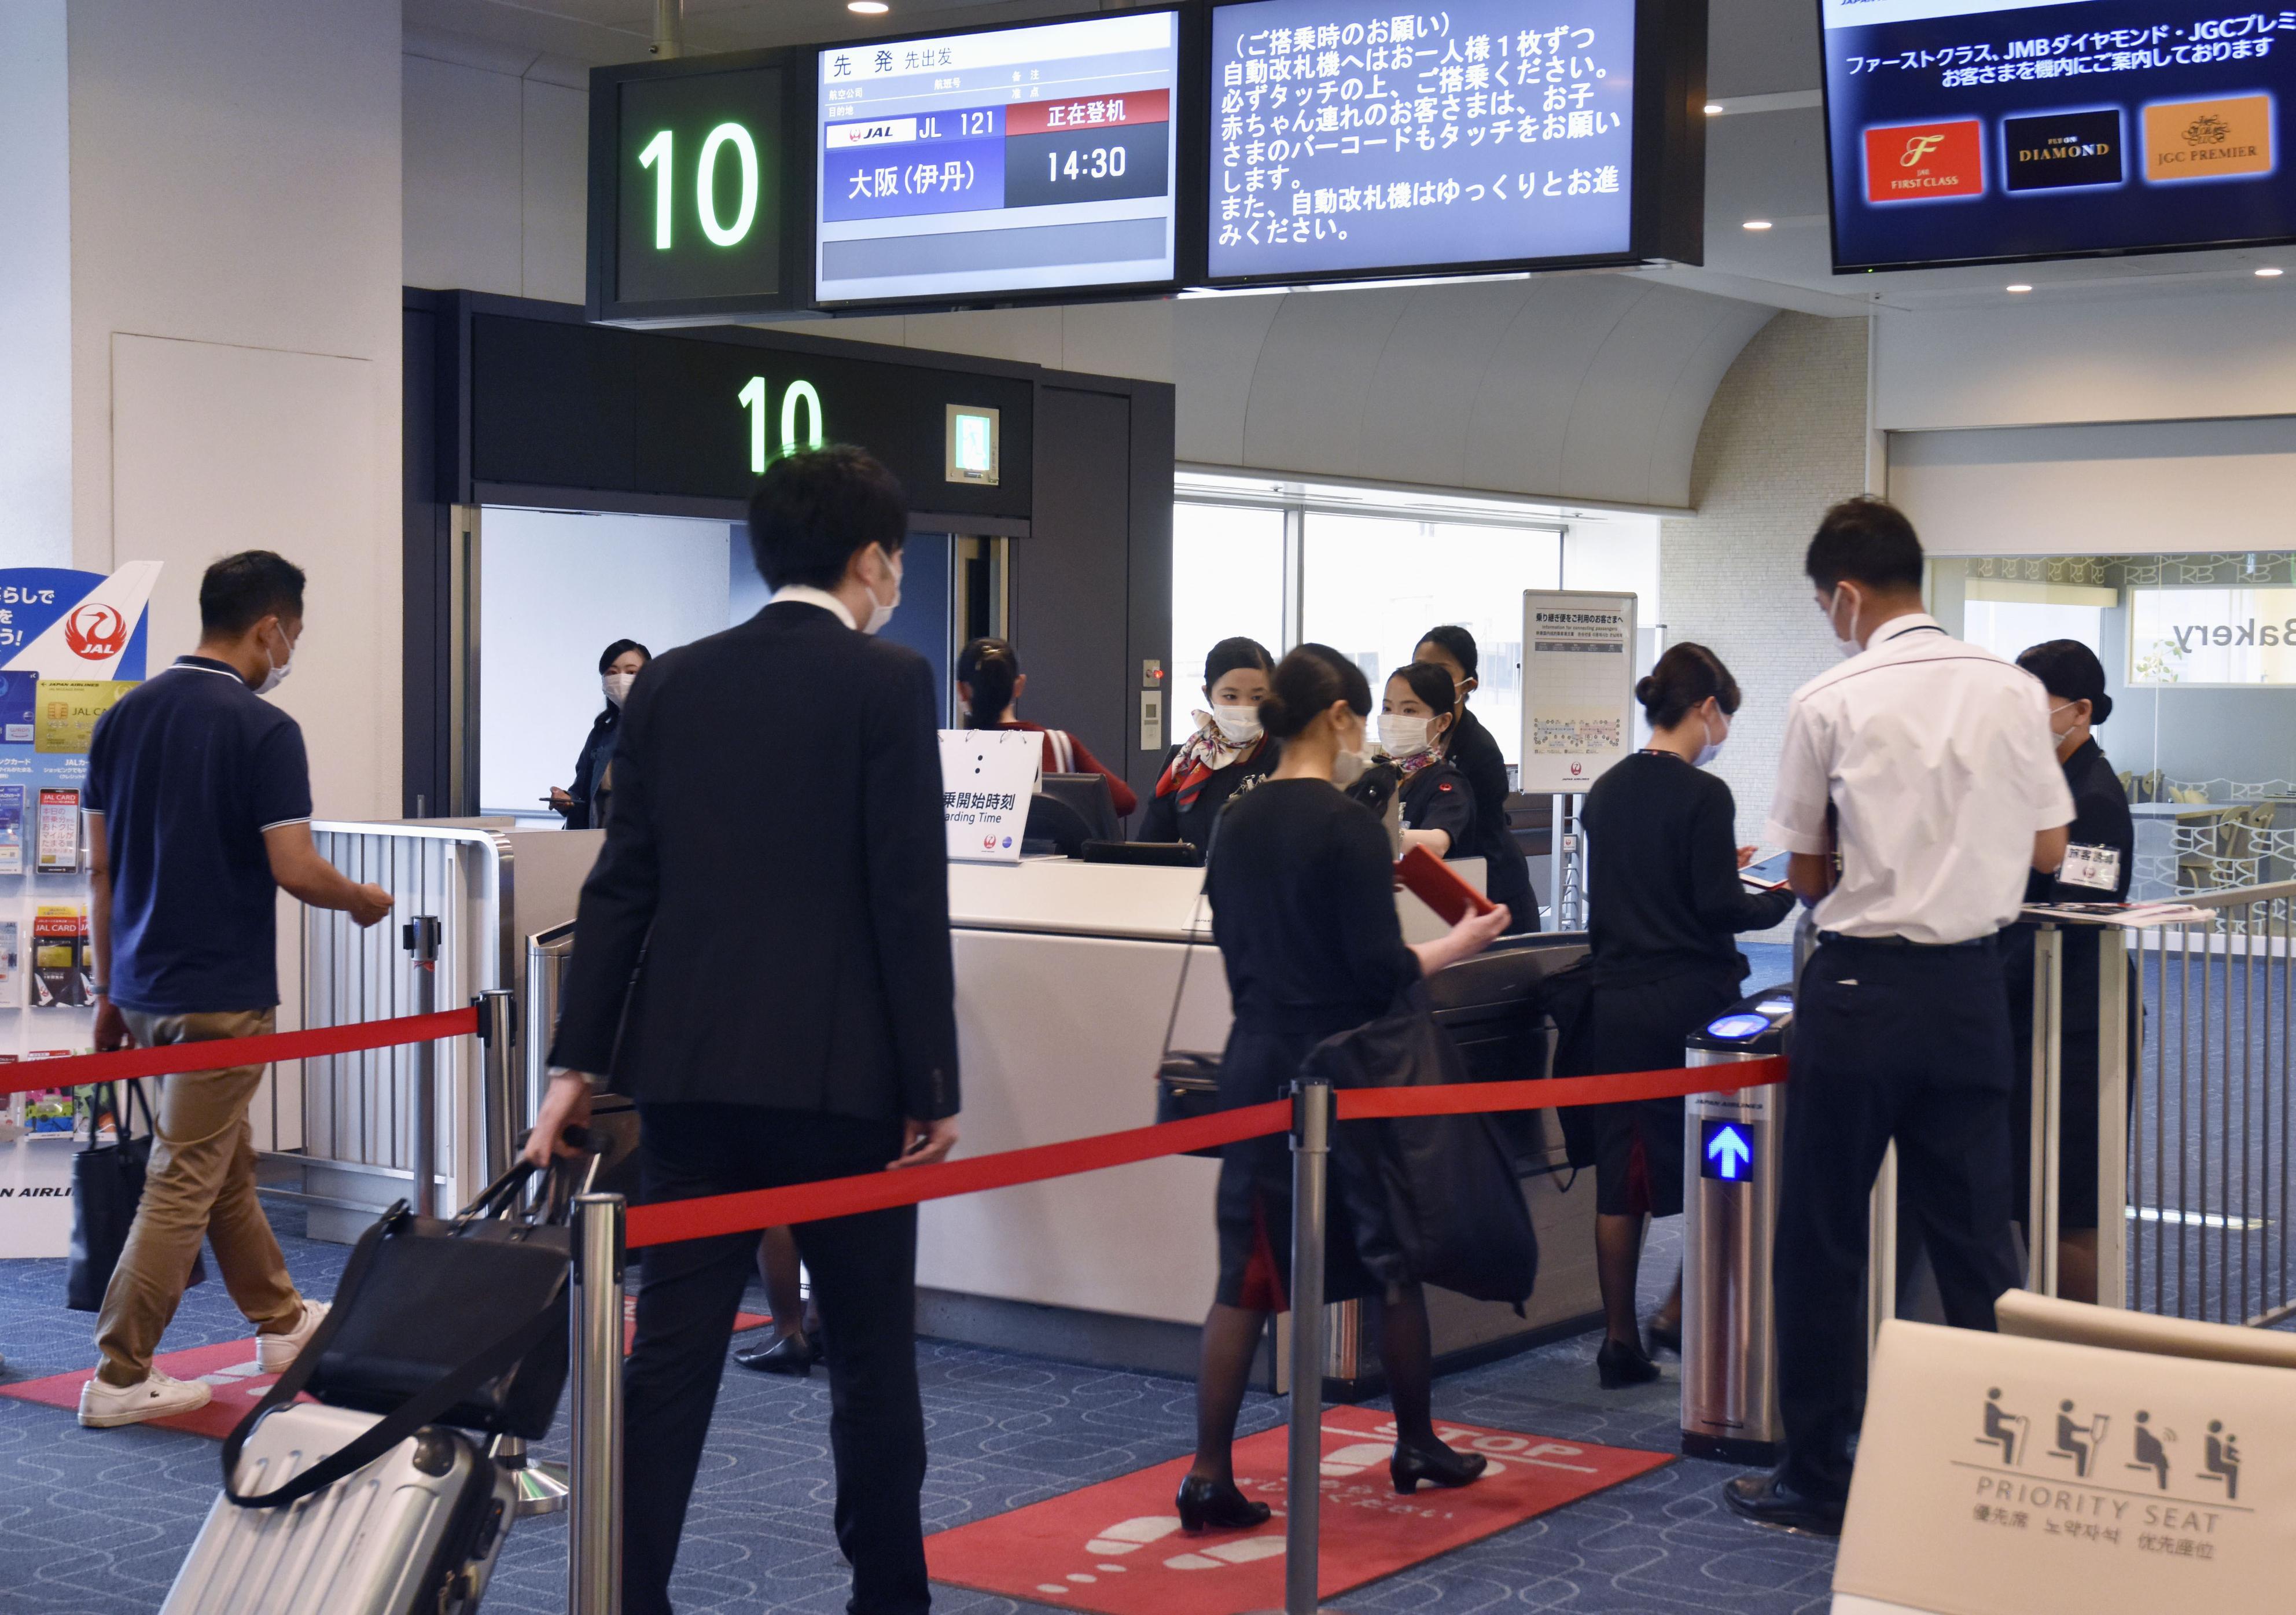 新型コロナウイルスの感染防止の徹底を呼び掛ける日航の地上スタッフ=1日午後、羽田空港